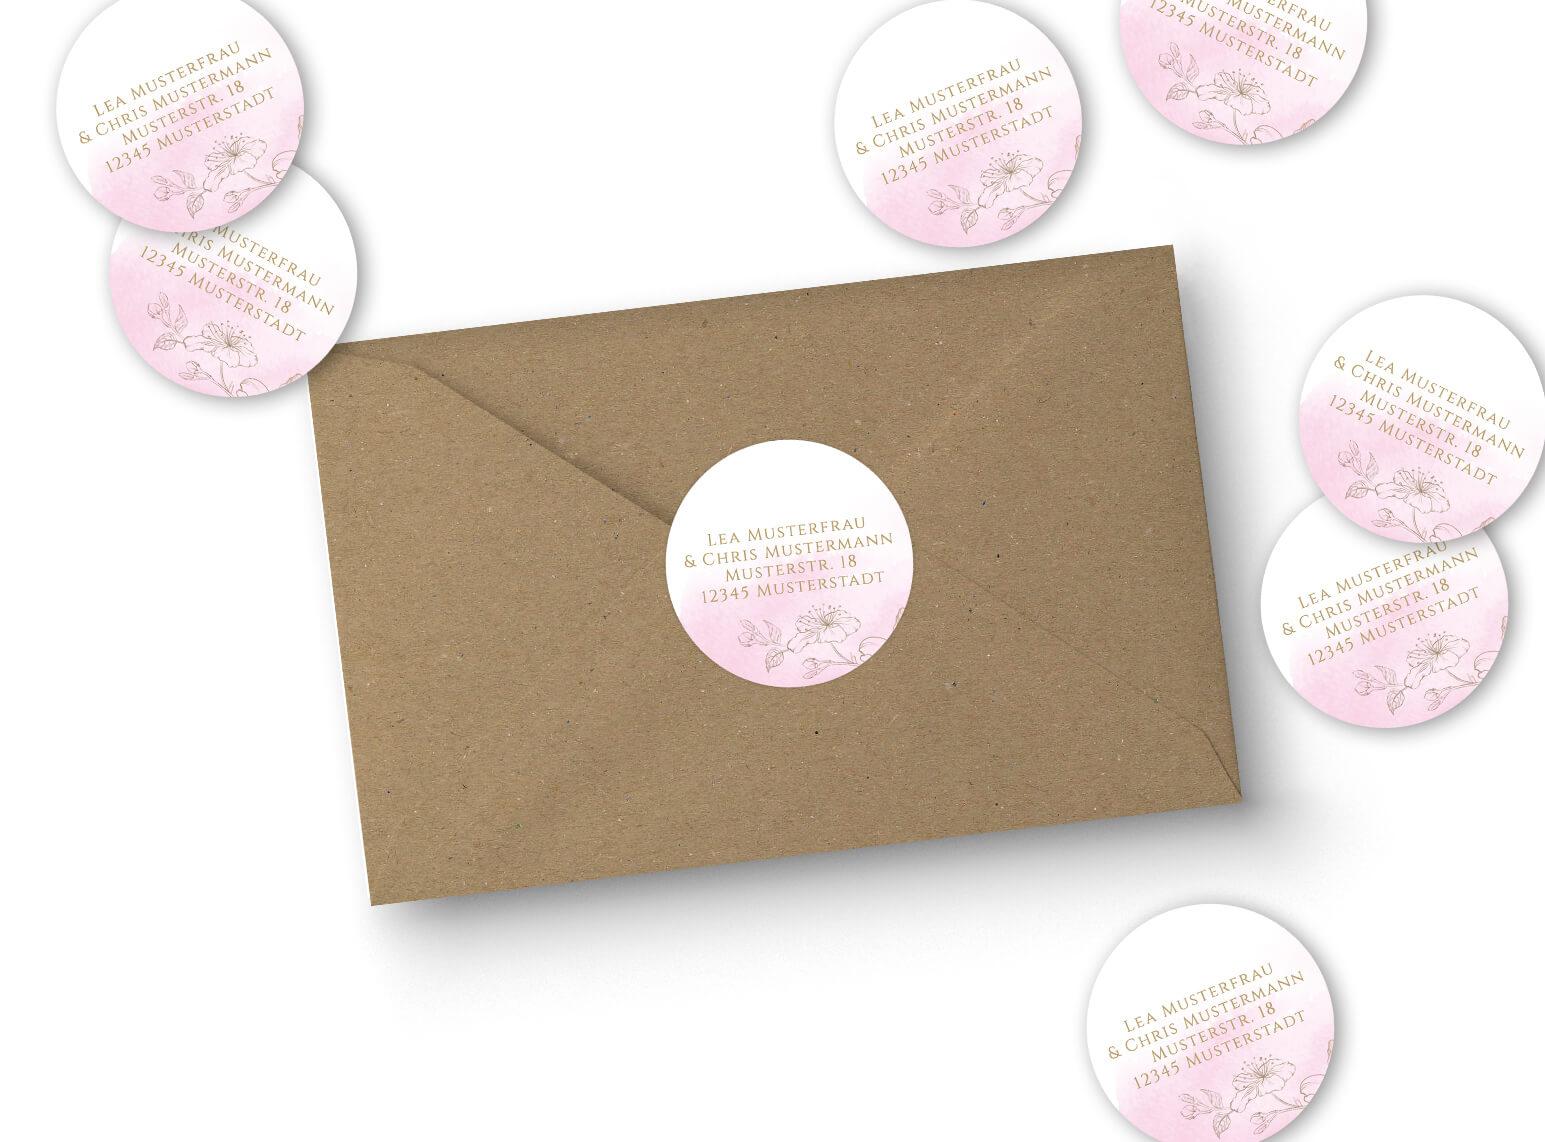 hochzeitseinladung-adressaufkleber-rund-rosa-aquarell-gold-blumen_kraft_MP0013-2.2.1